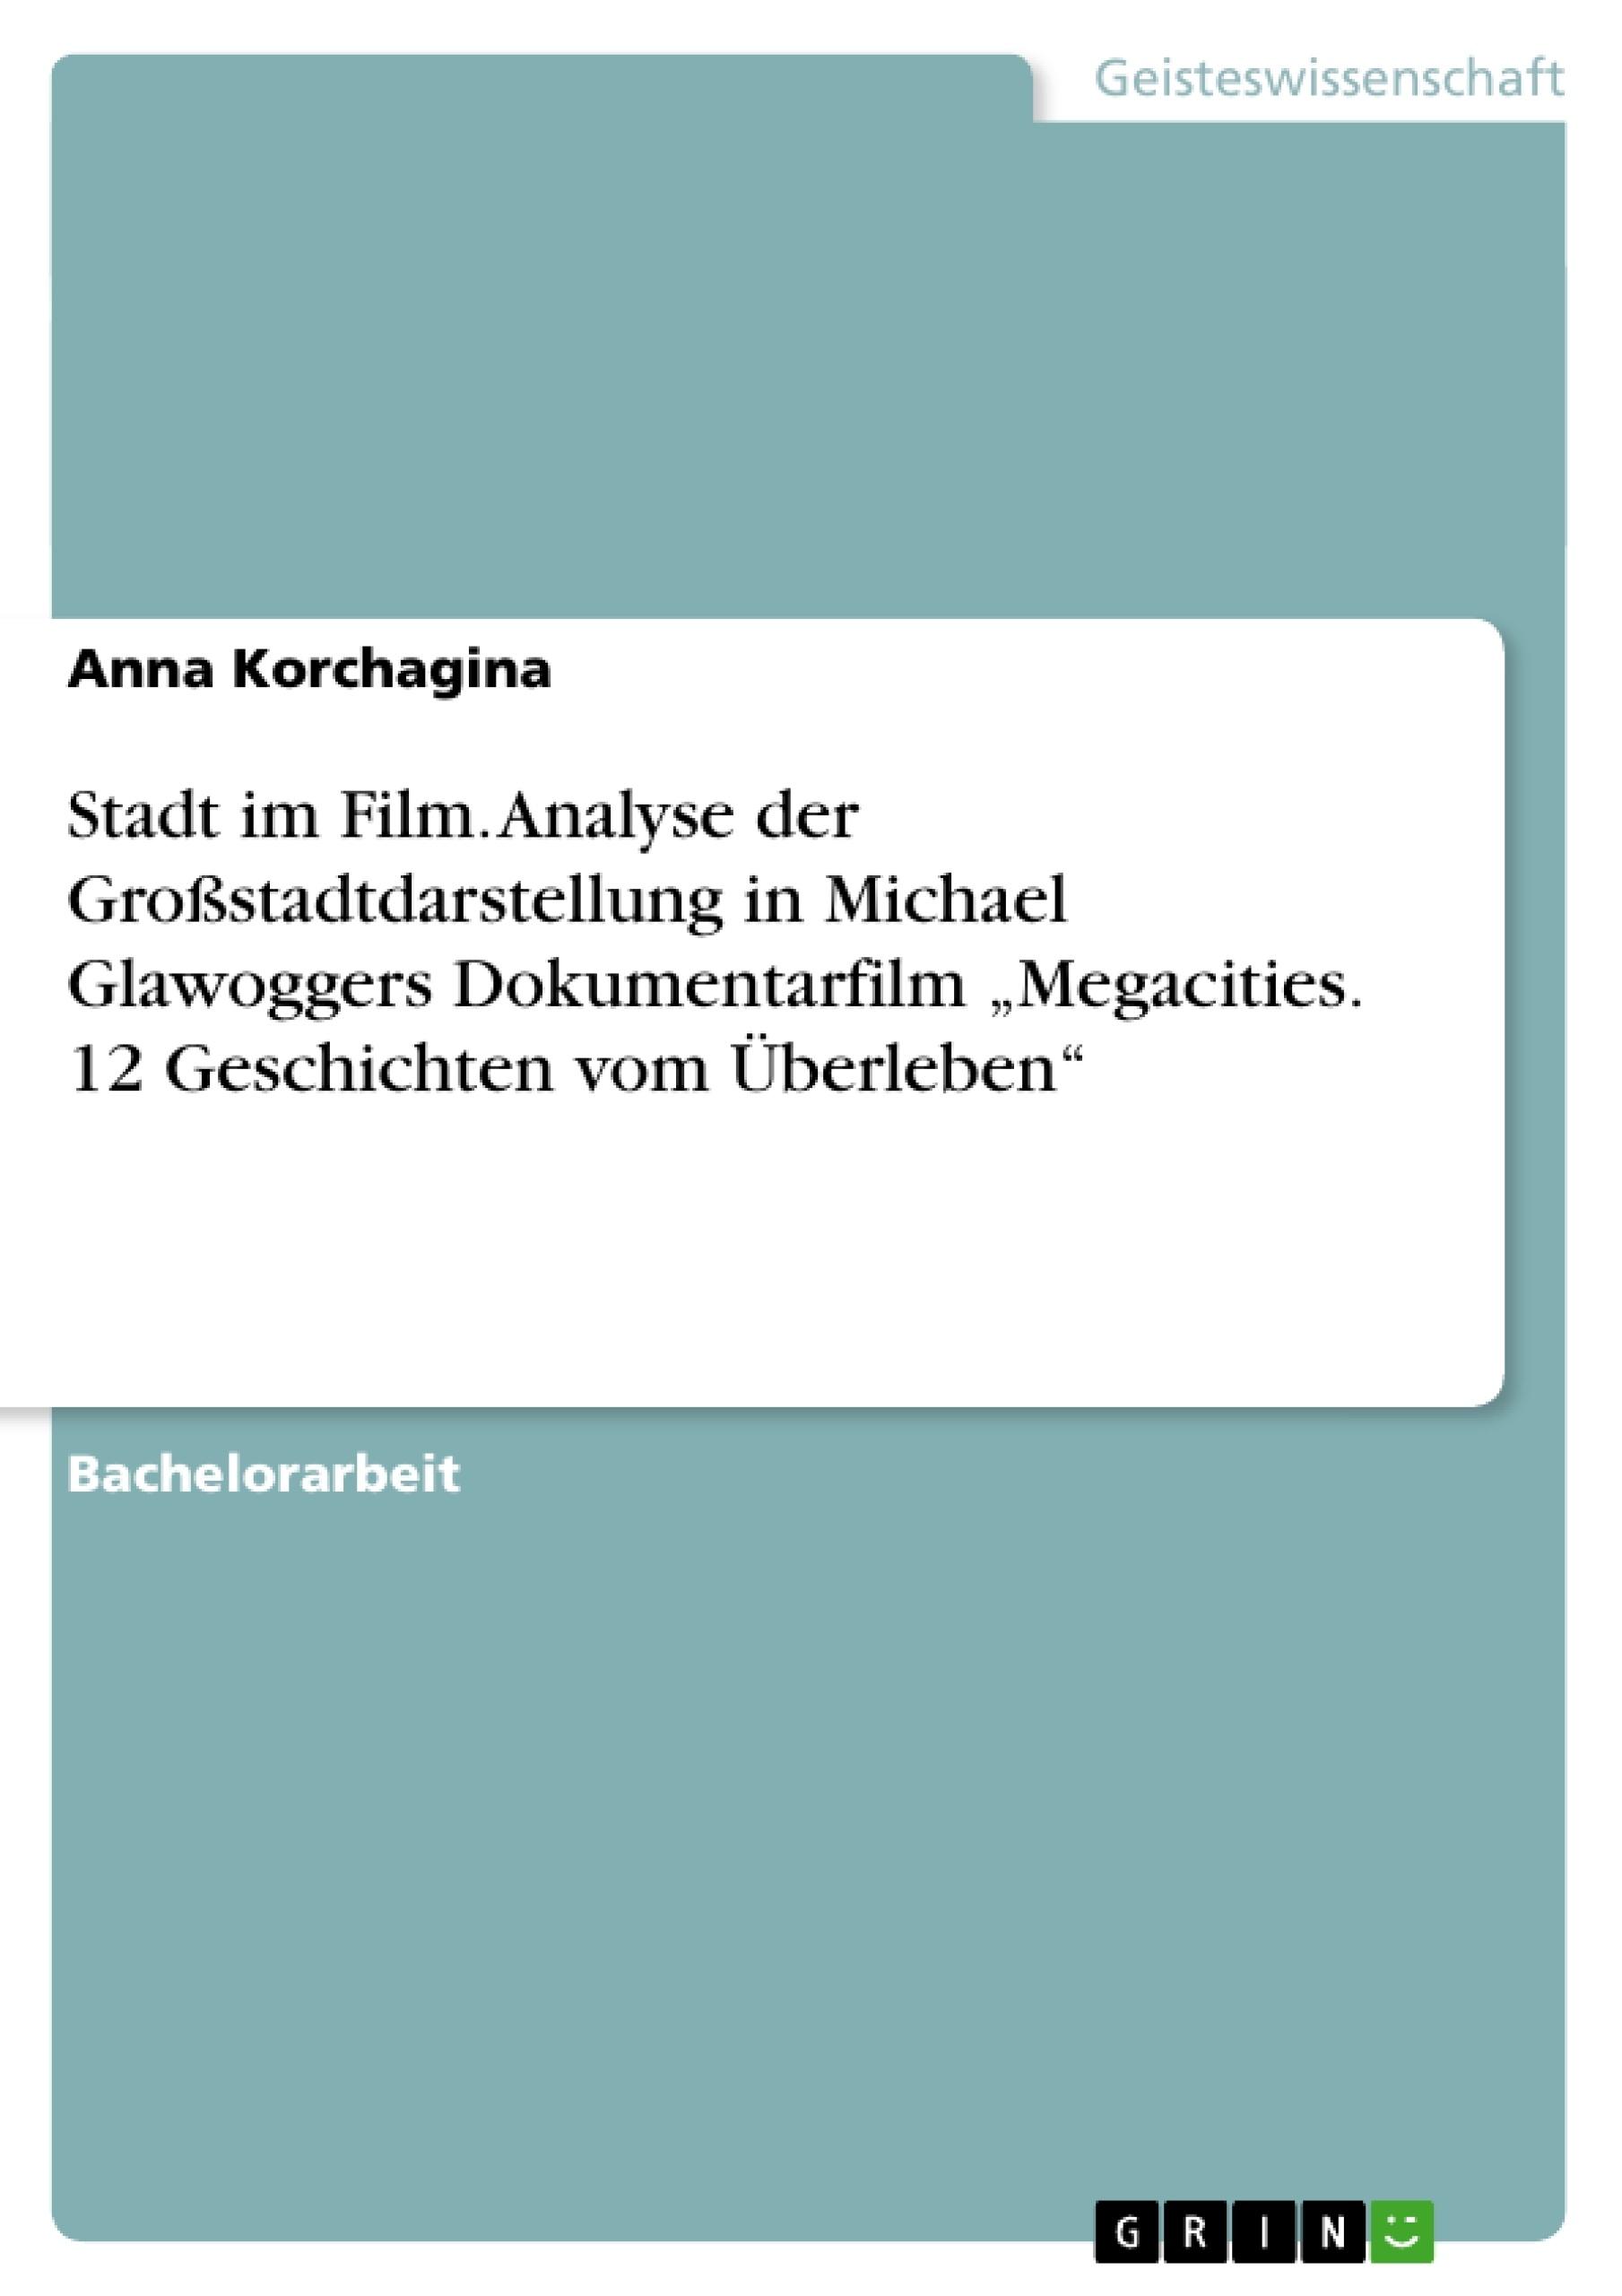 """Titel: Stadt im Film. Analyse der Großstadtdarstellung in Michael Glawoggers Dokumentarfilm """"Megacities. 12 Geschichten vom Überleben"""""""